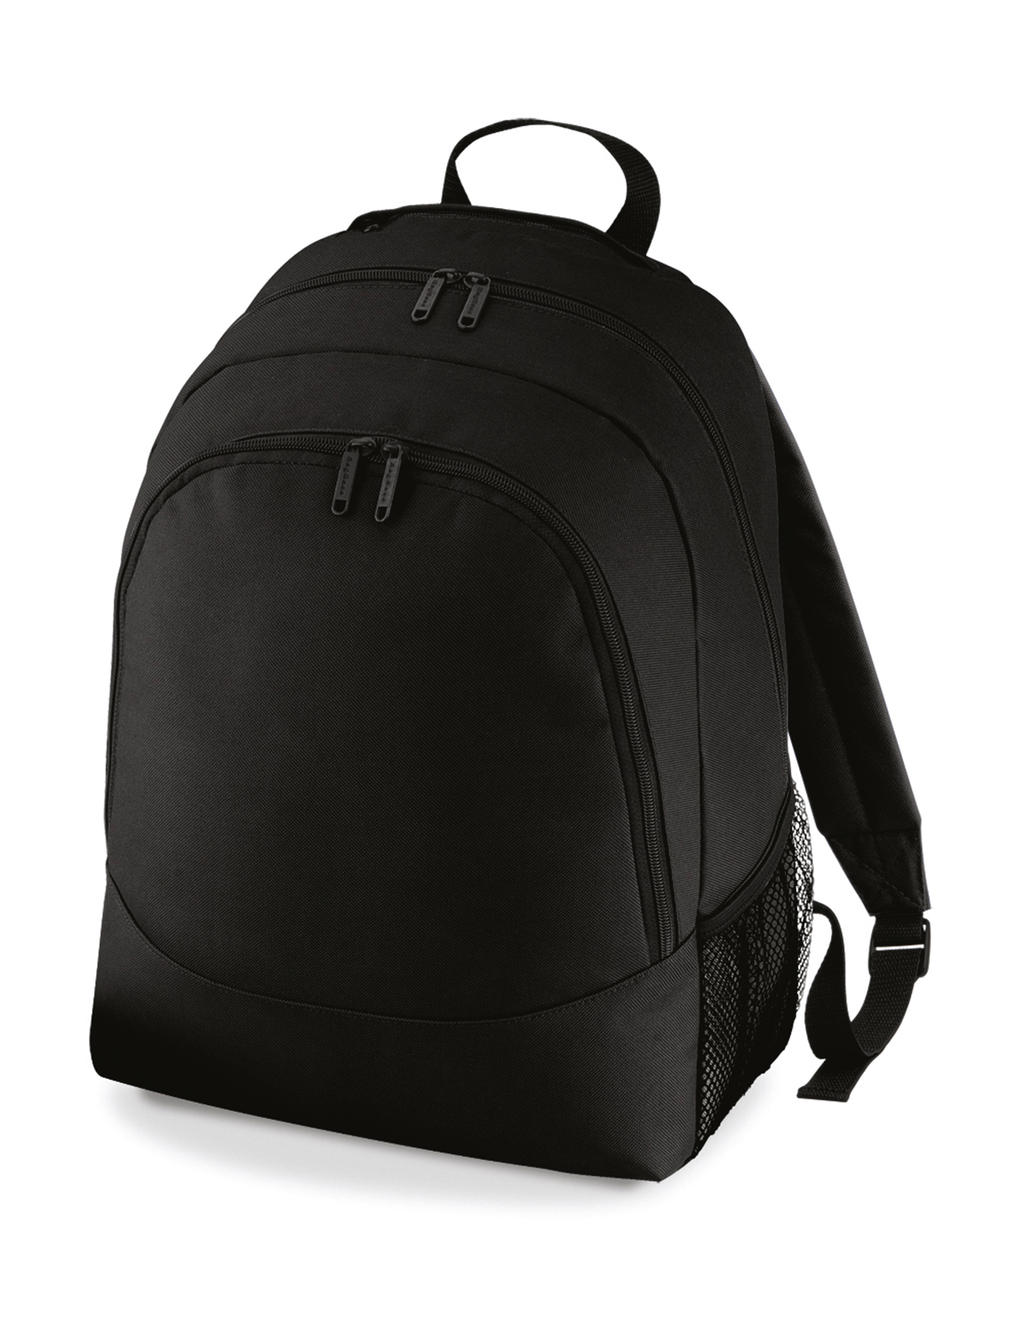 Univerzální batoh - zvìtšit obrázek